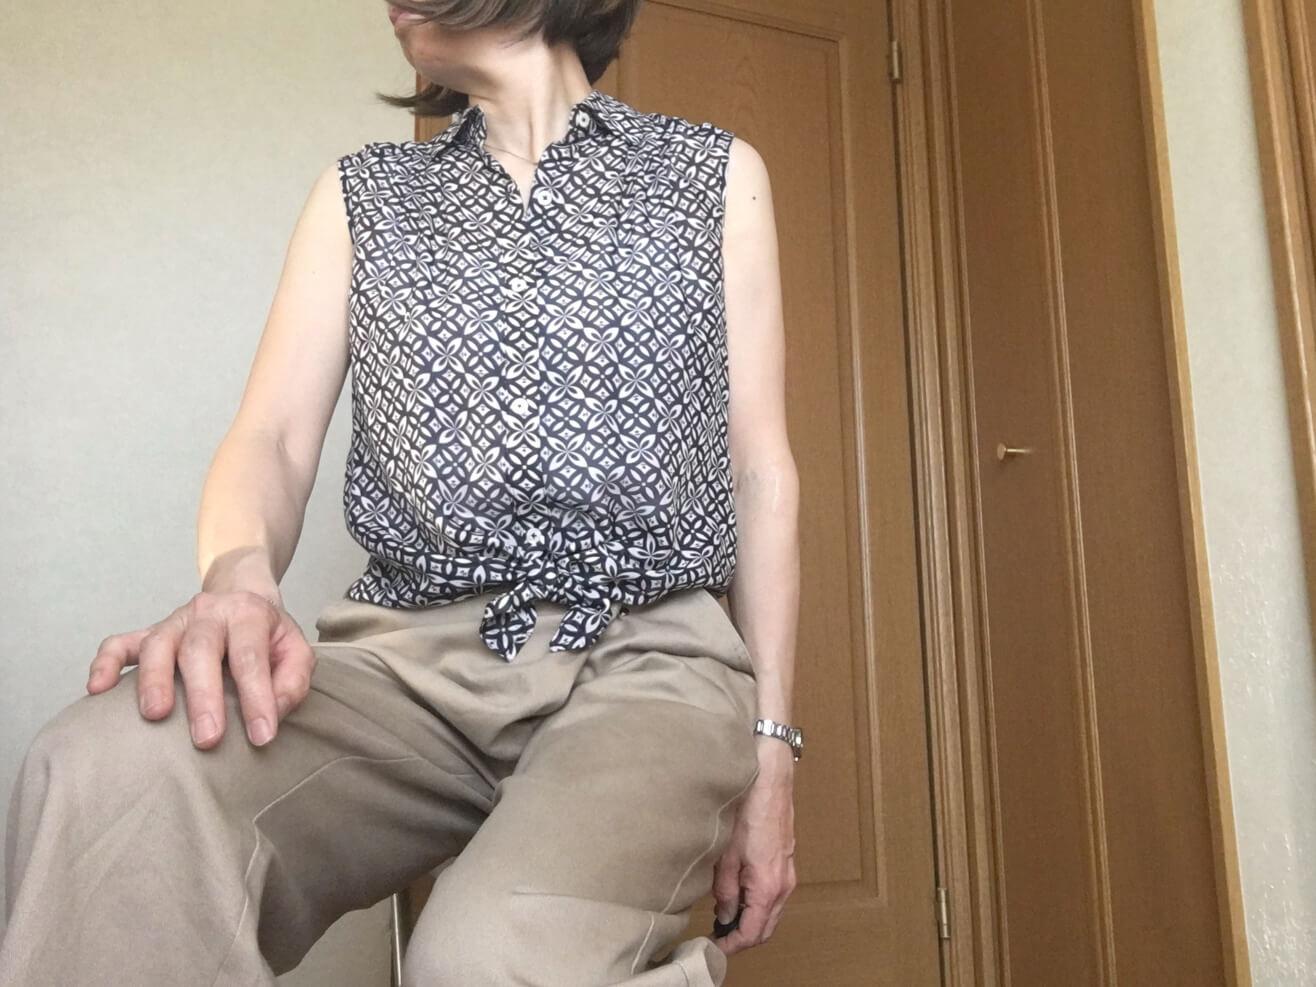 シルクのノースリーブのブラウスと古着のパンツをコーディネートした写真